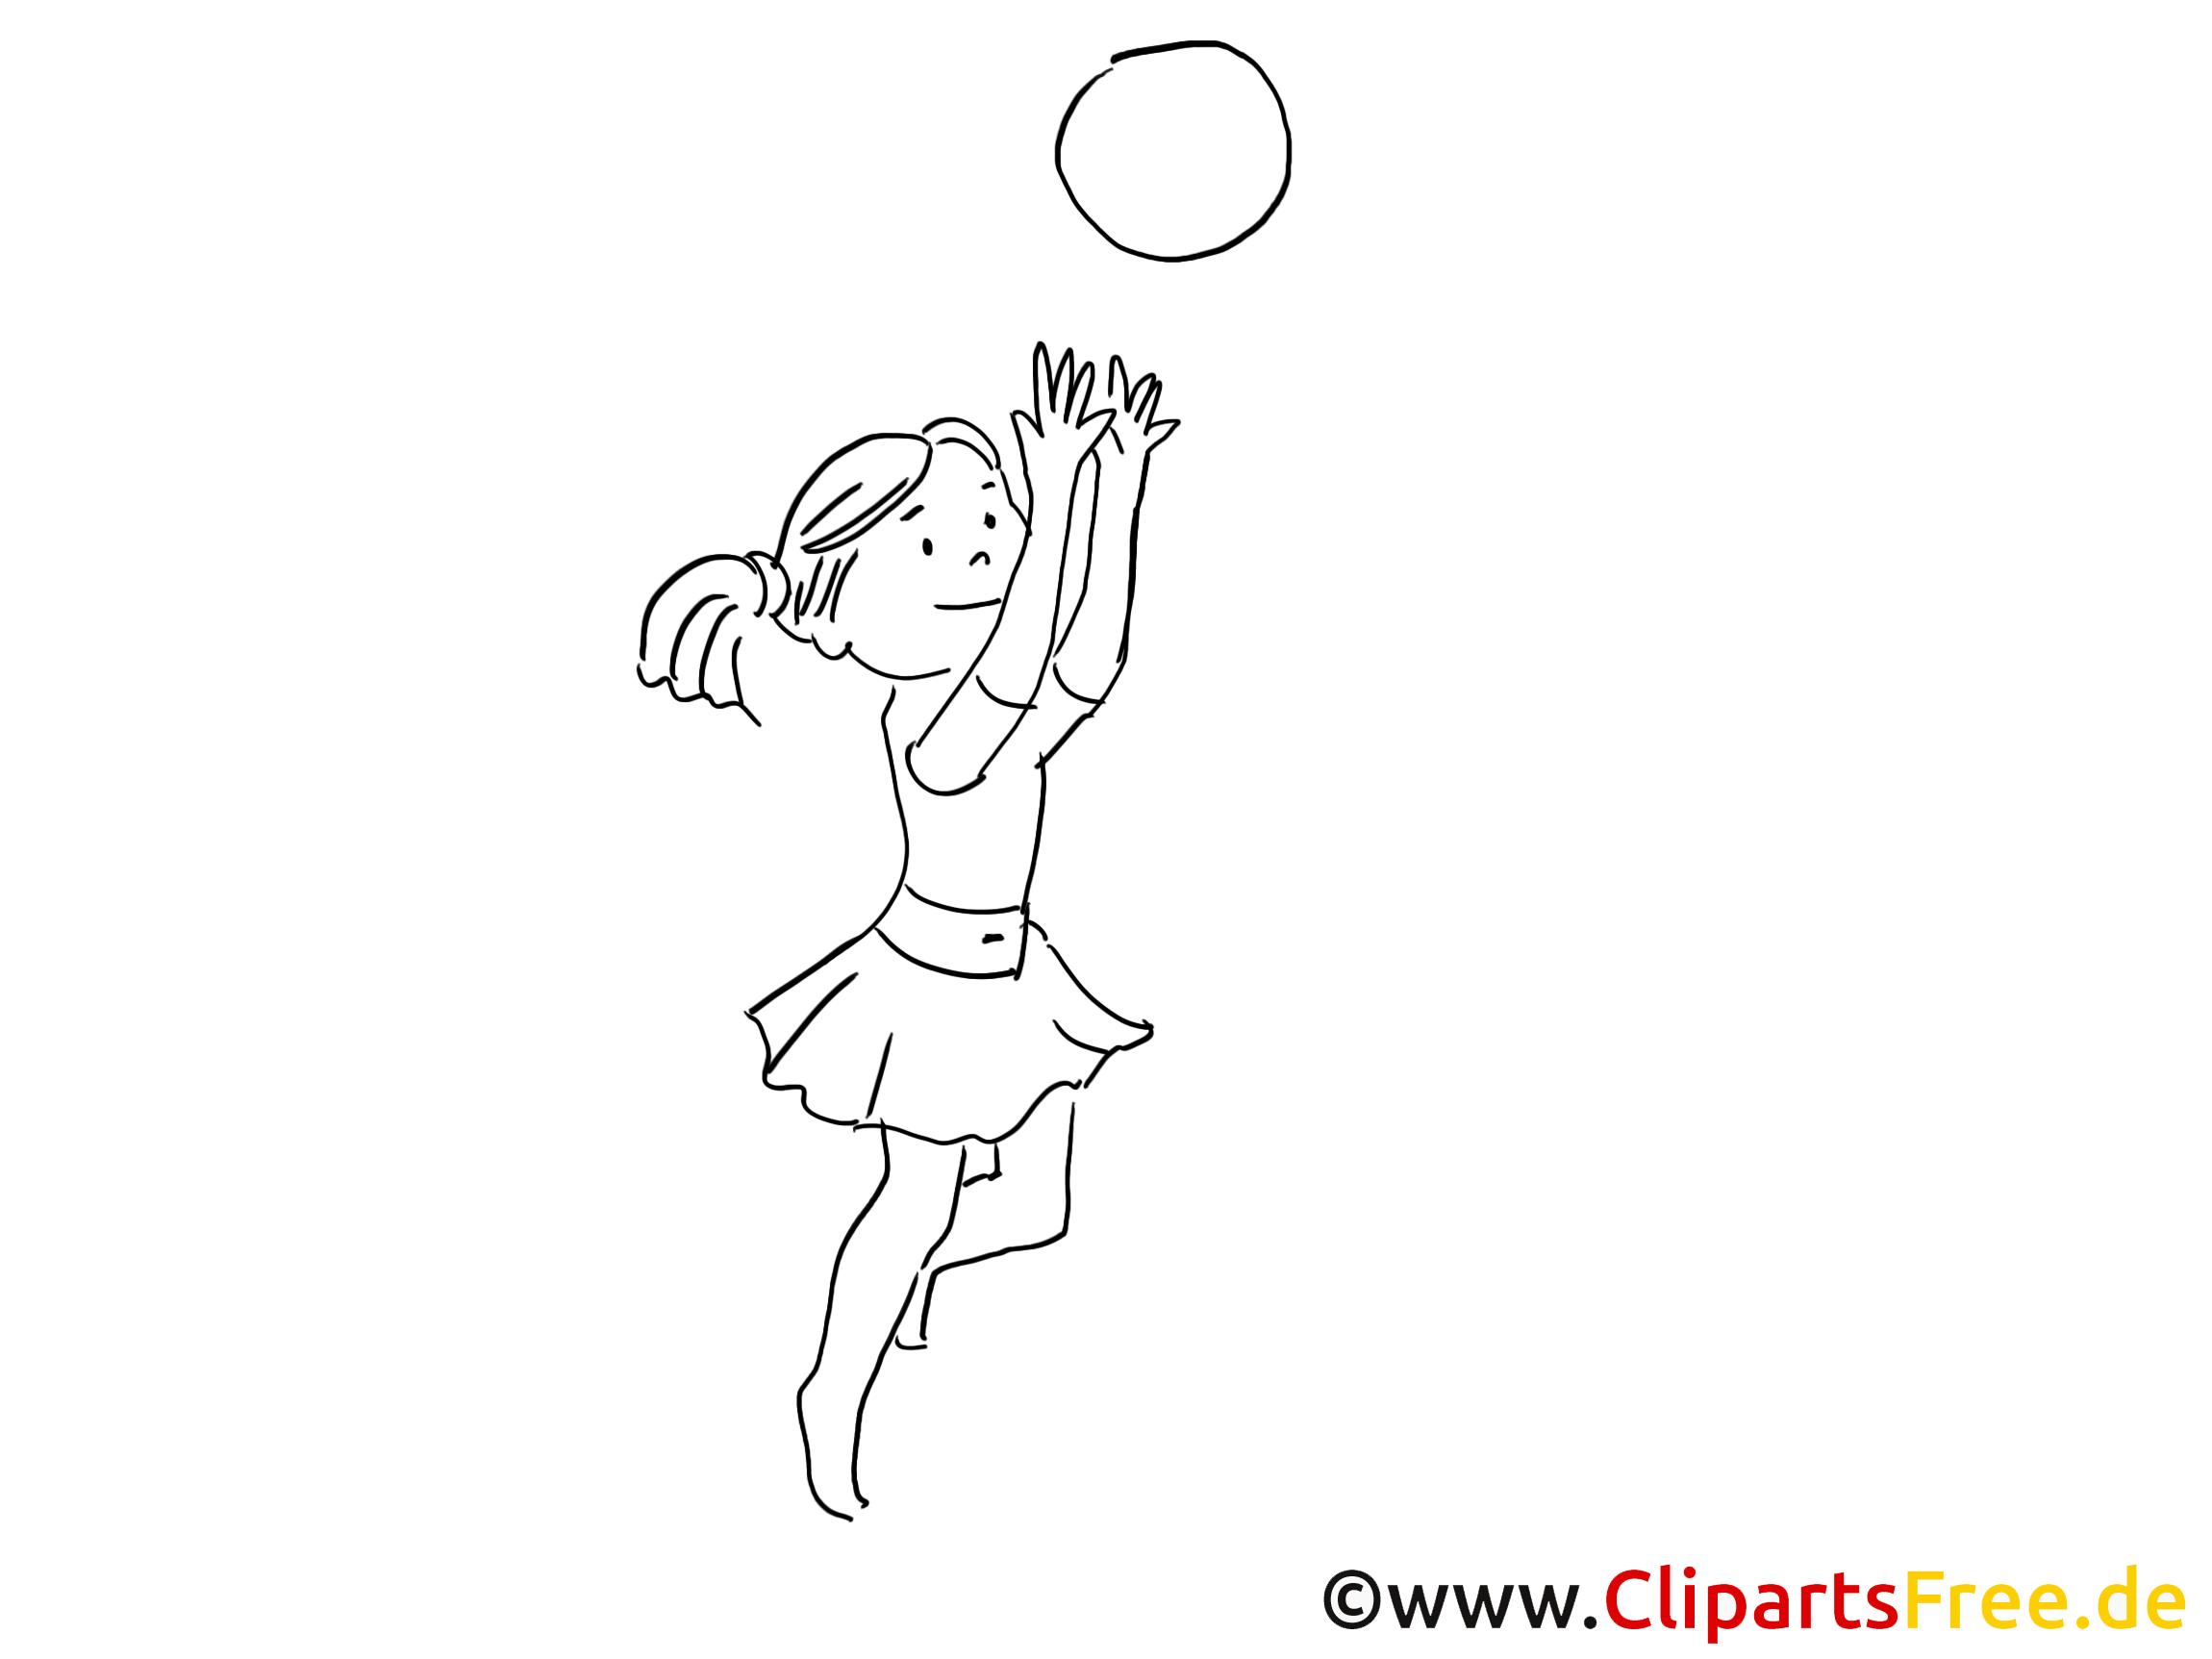 Strand comic schwarz weiß  Ball spielen am Strand Zeichnung, Clipart, Bild schwarz-weiss ...